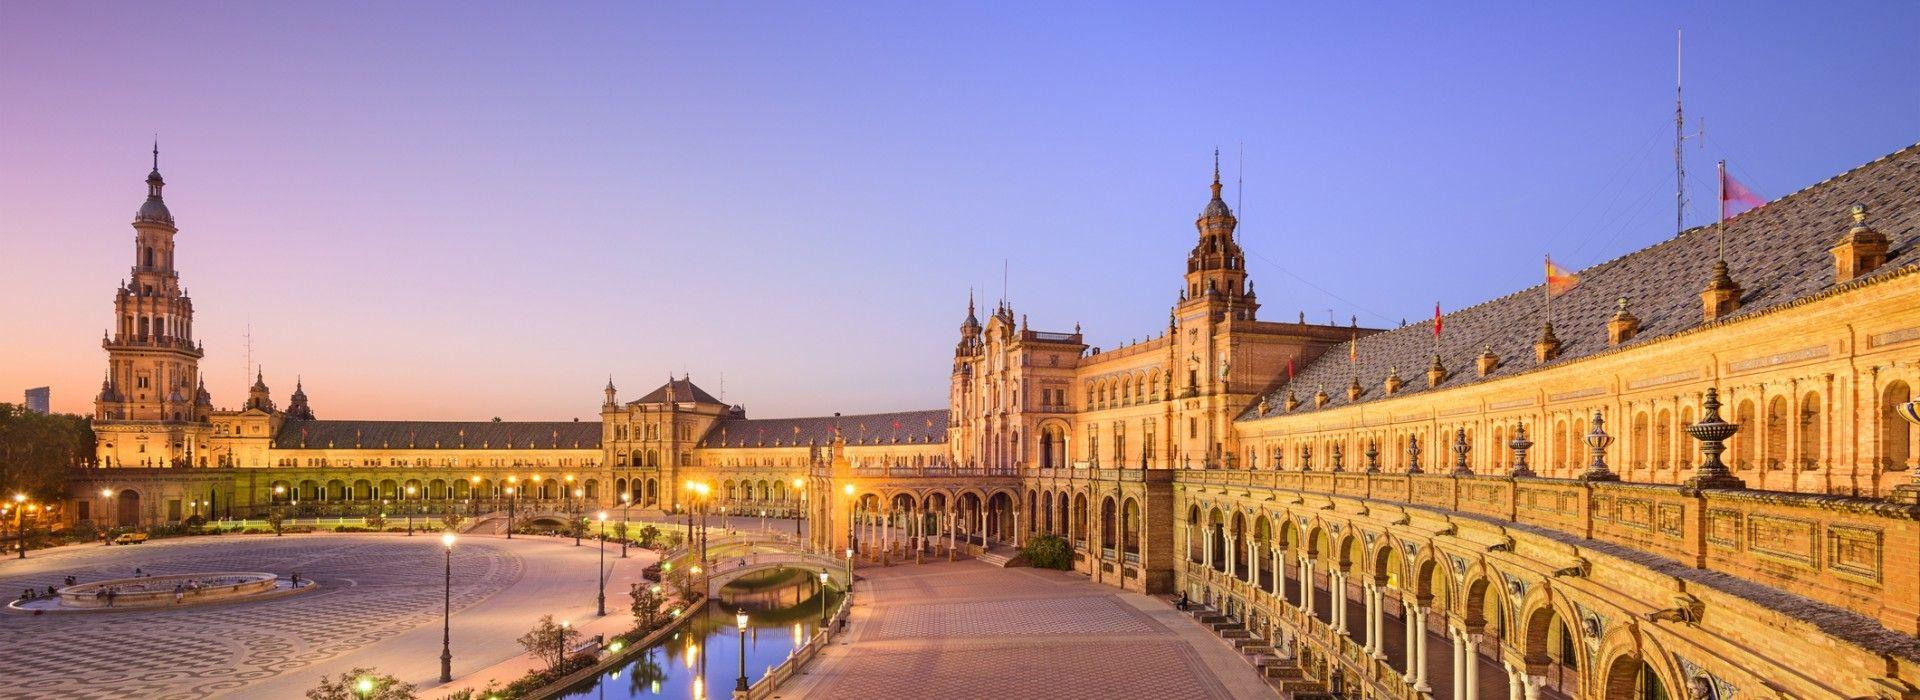 Trekking Tours in Spain